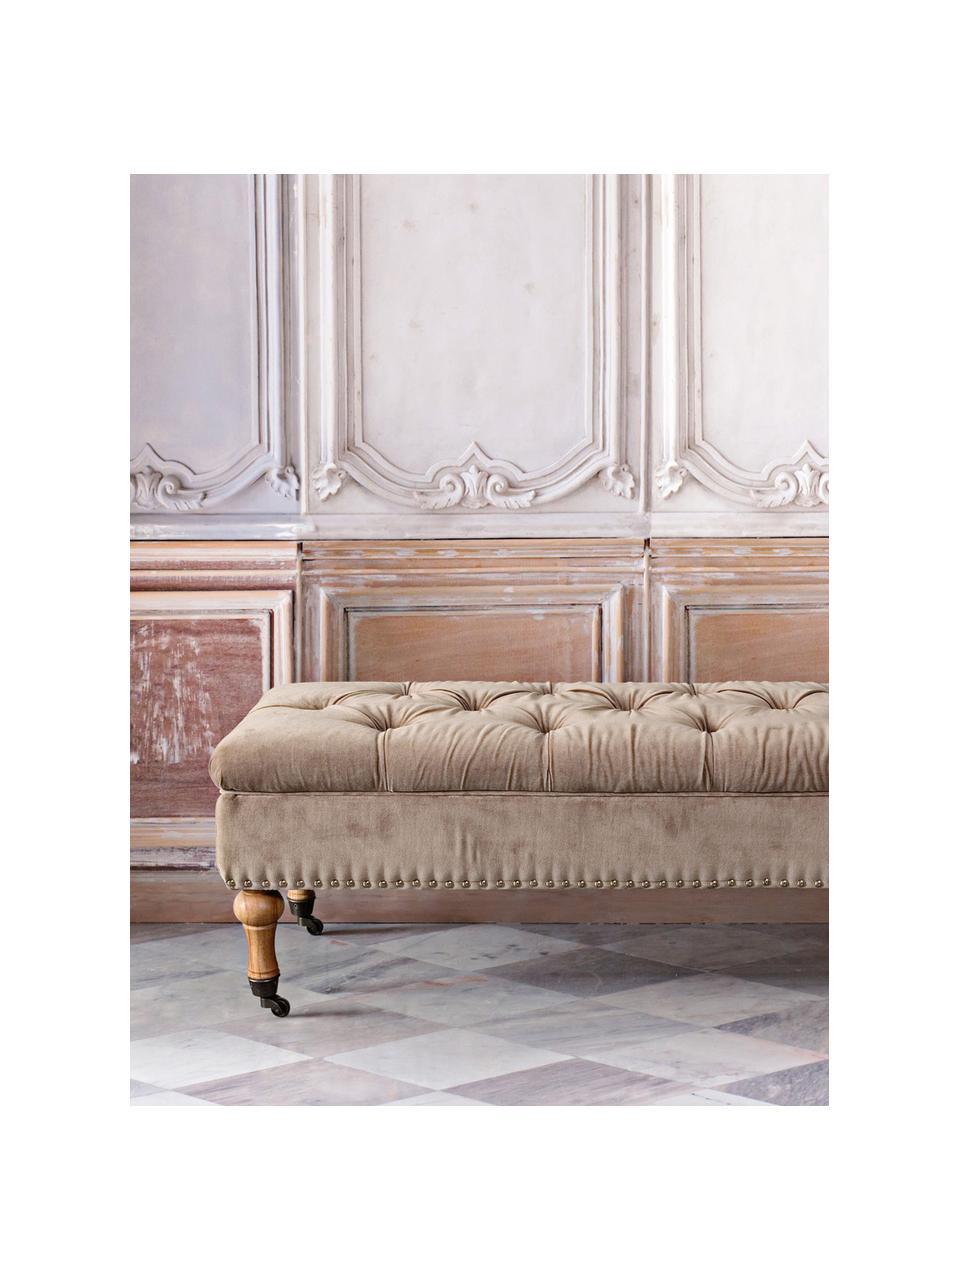 Ławka tapicerowana z aksamitu z miejscem do przechowywania Arlette, Tapicerka: aksamit, Nogi: drewno sosnowe, Jasny brązowy, drewno sosnowe, odcienie srebrnego, S 110 x W 40 cm